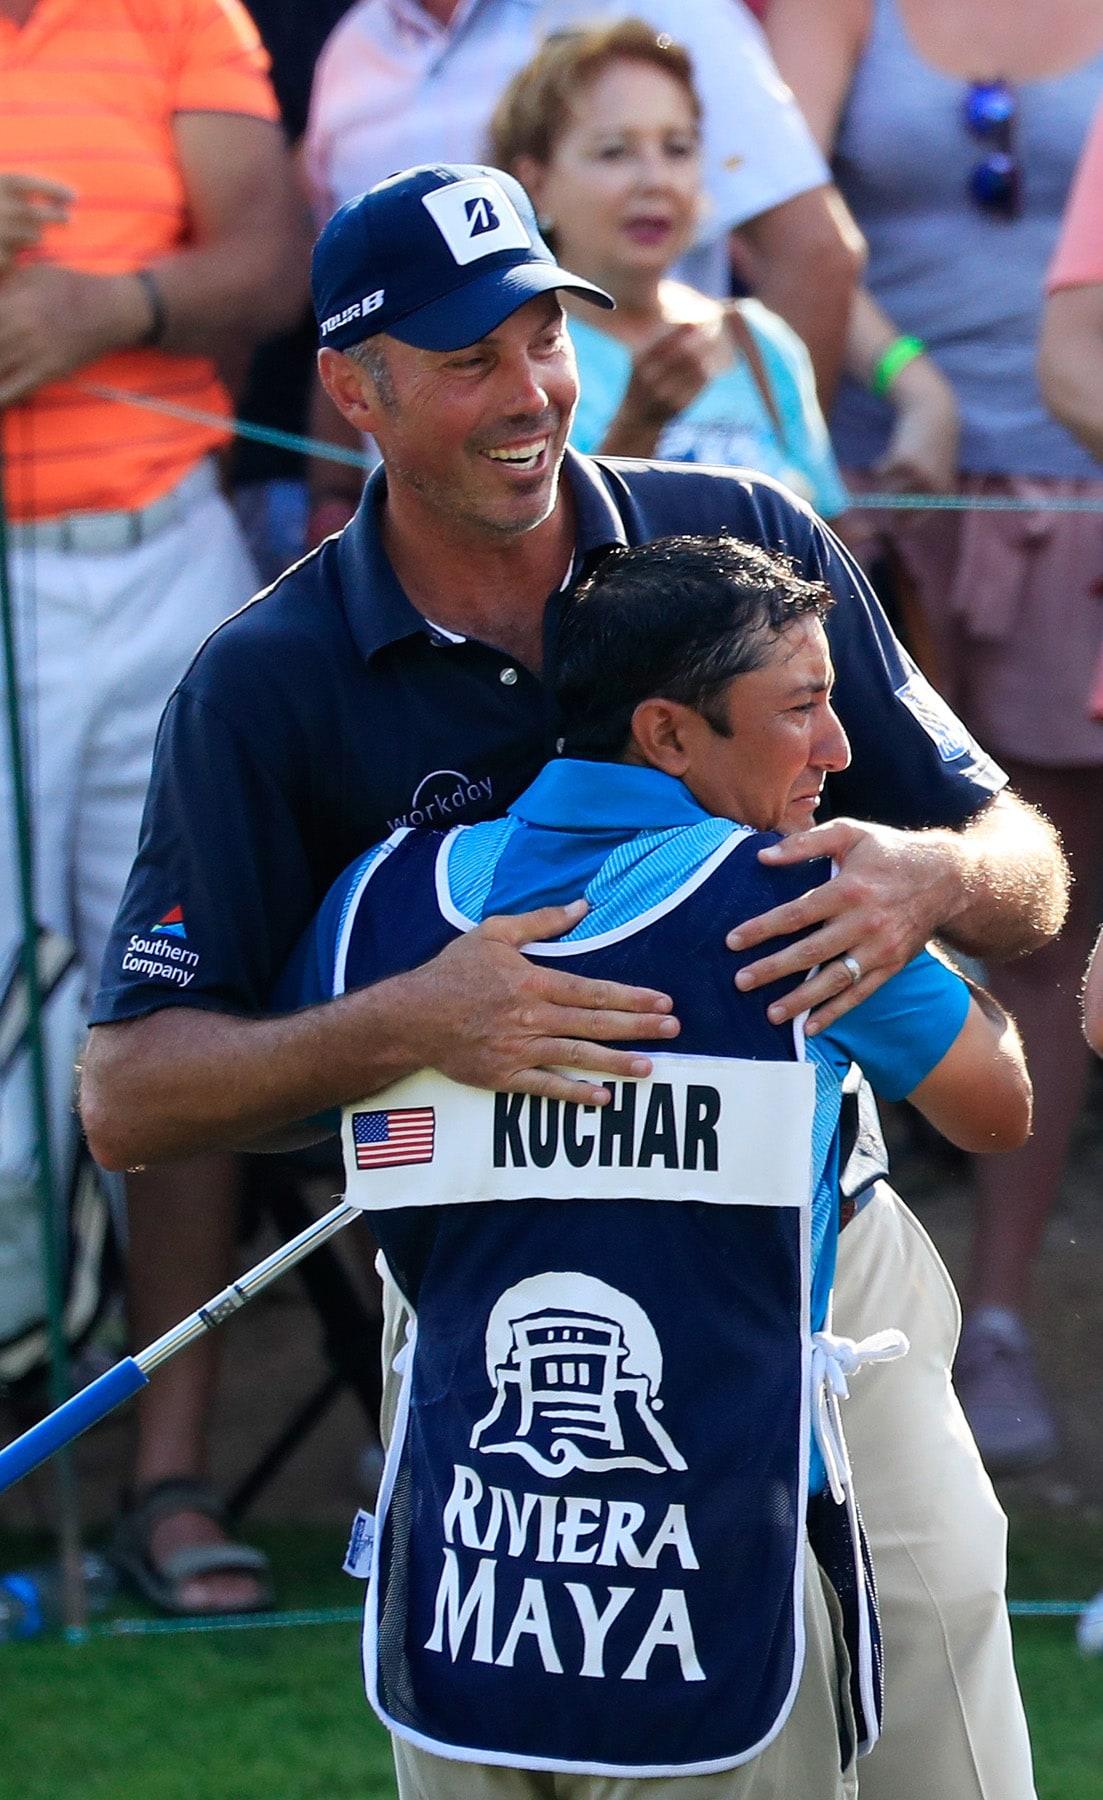 David Ortiz and Matt Kuchar